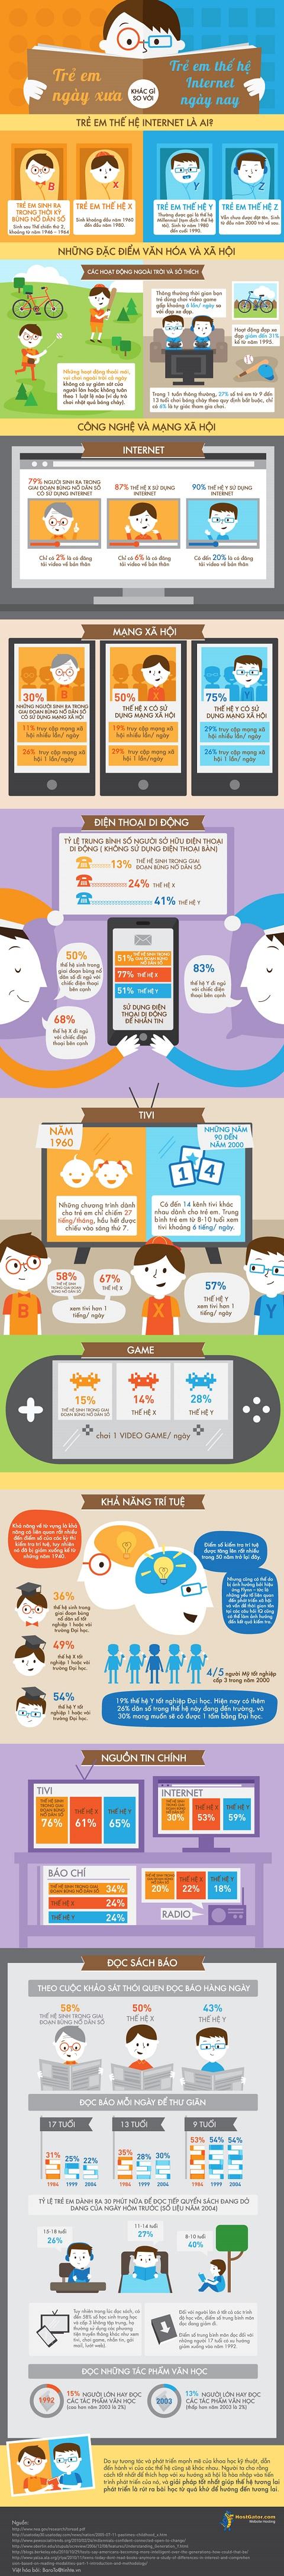 Tre-em-ngay-xua-va-tre-em-the-he-internet-at-k12school